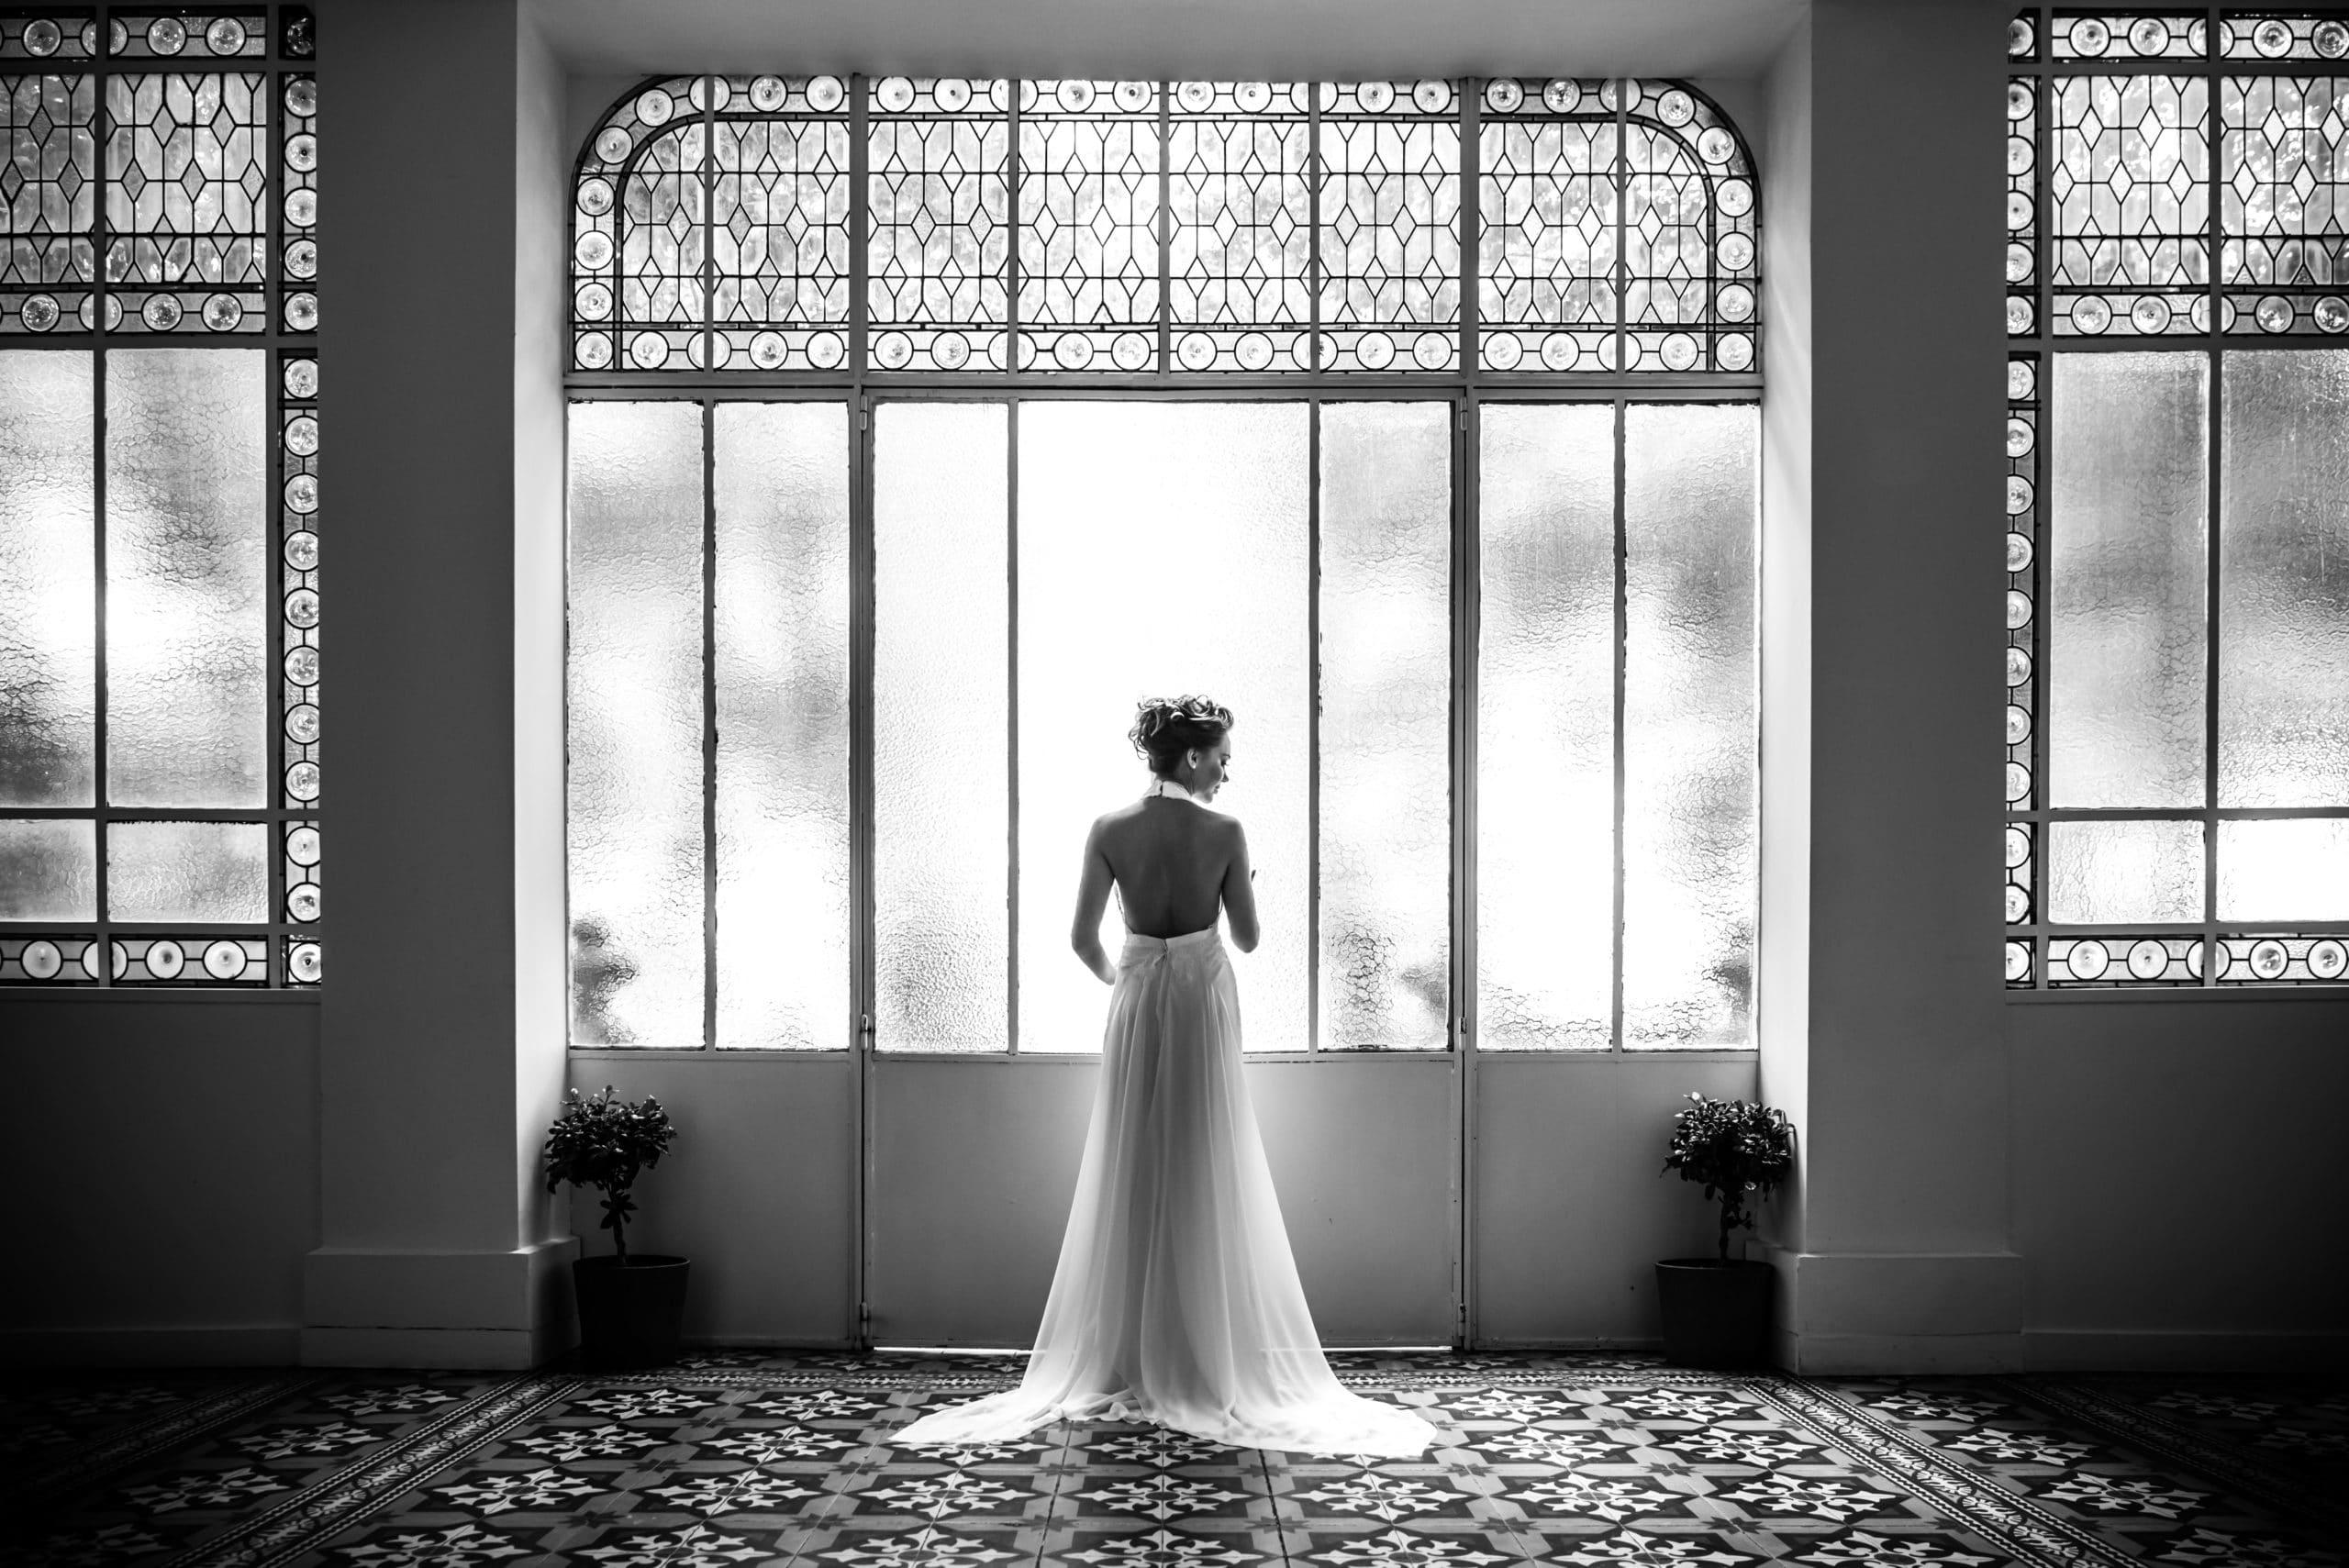 mariage-provence-wedding-bride-dress-reception-venue-sout-france-13-aix-verriere